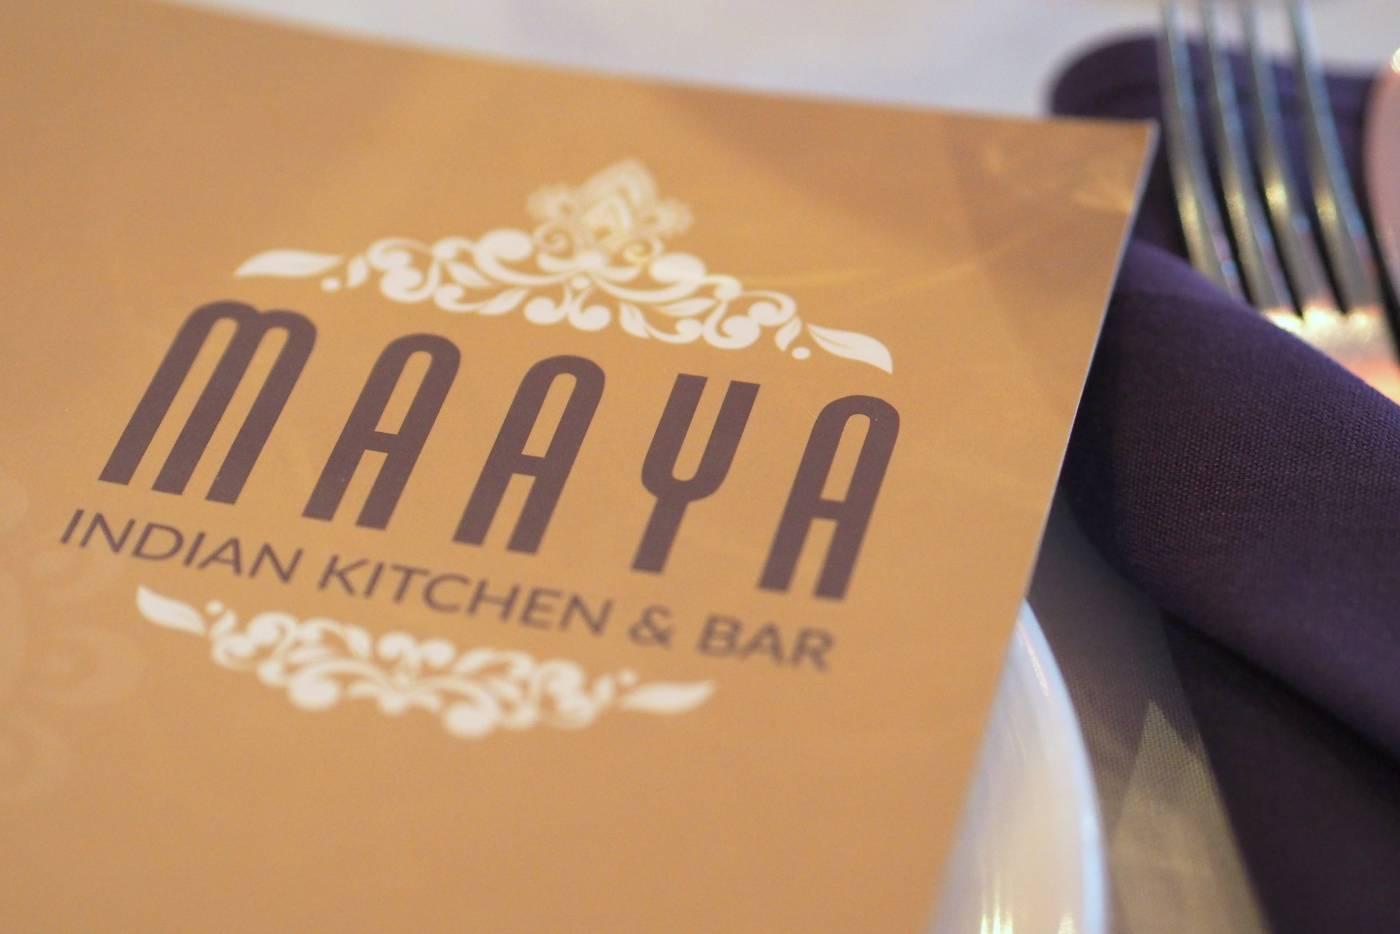 Maaya Indian Bar and Kitchen Milton Keynes